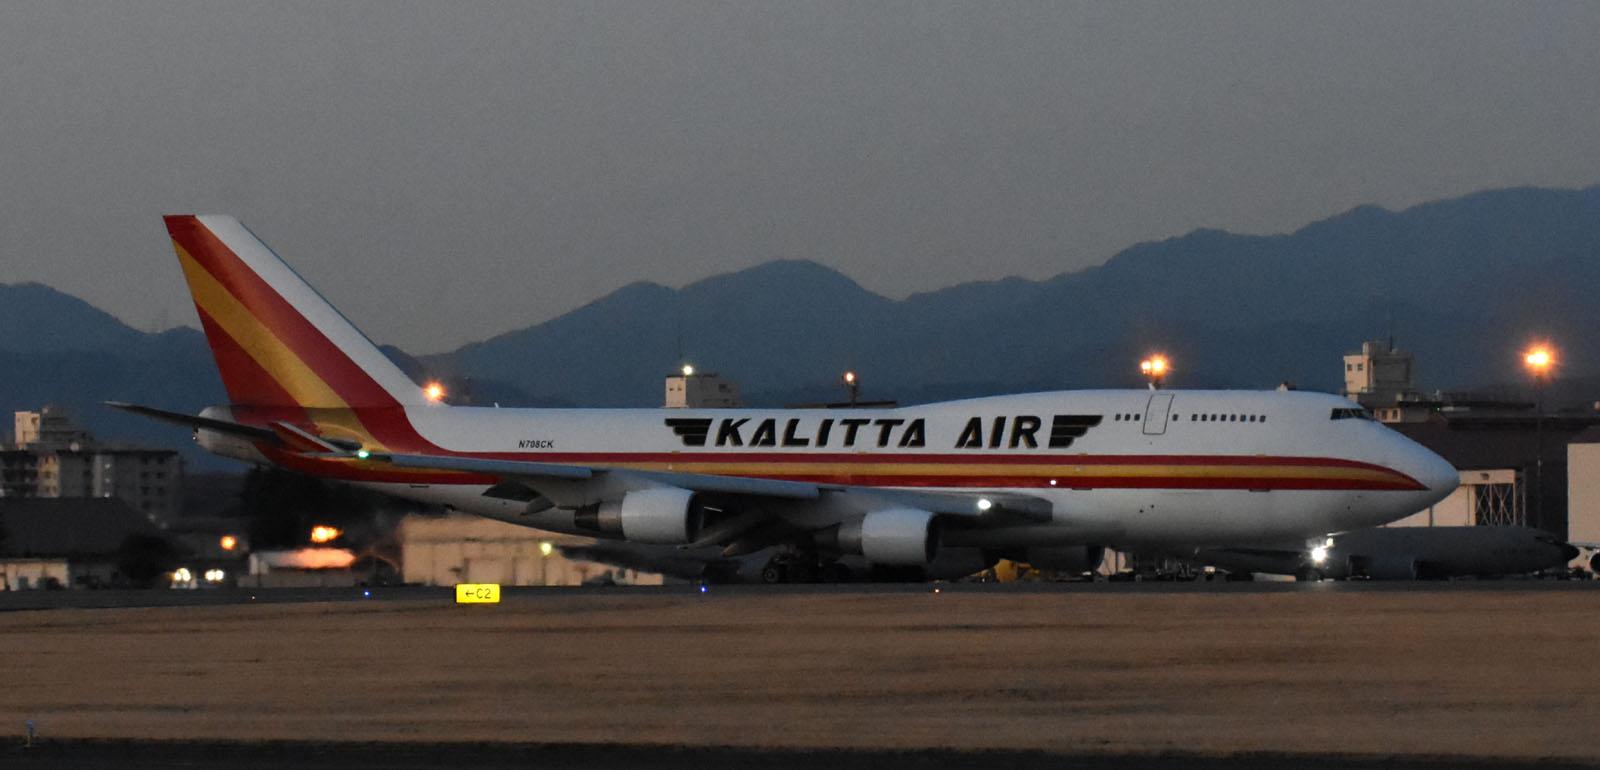 Kalitta190208g046